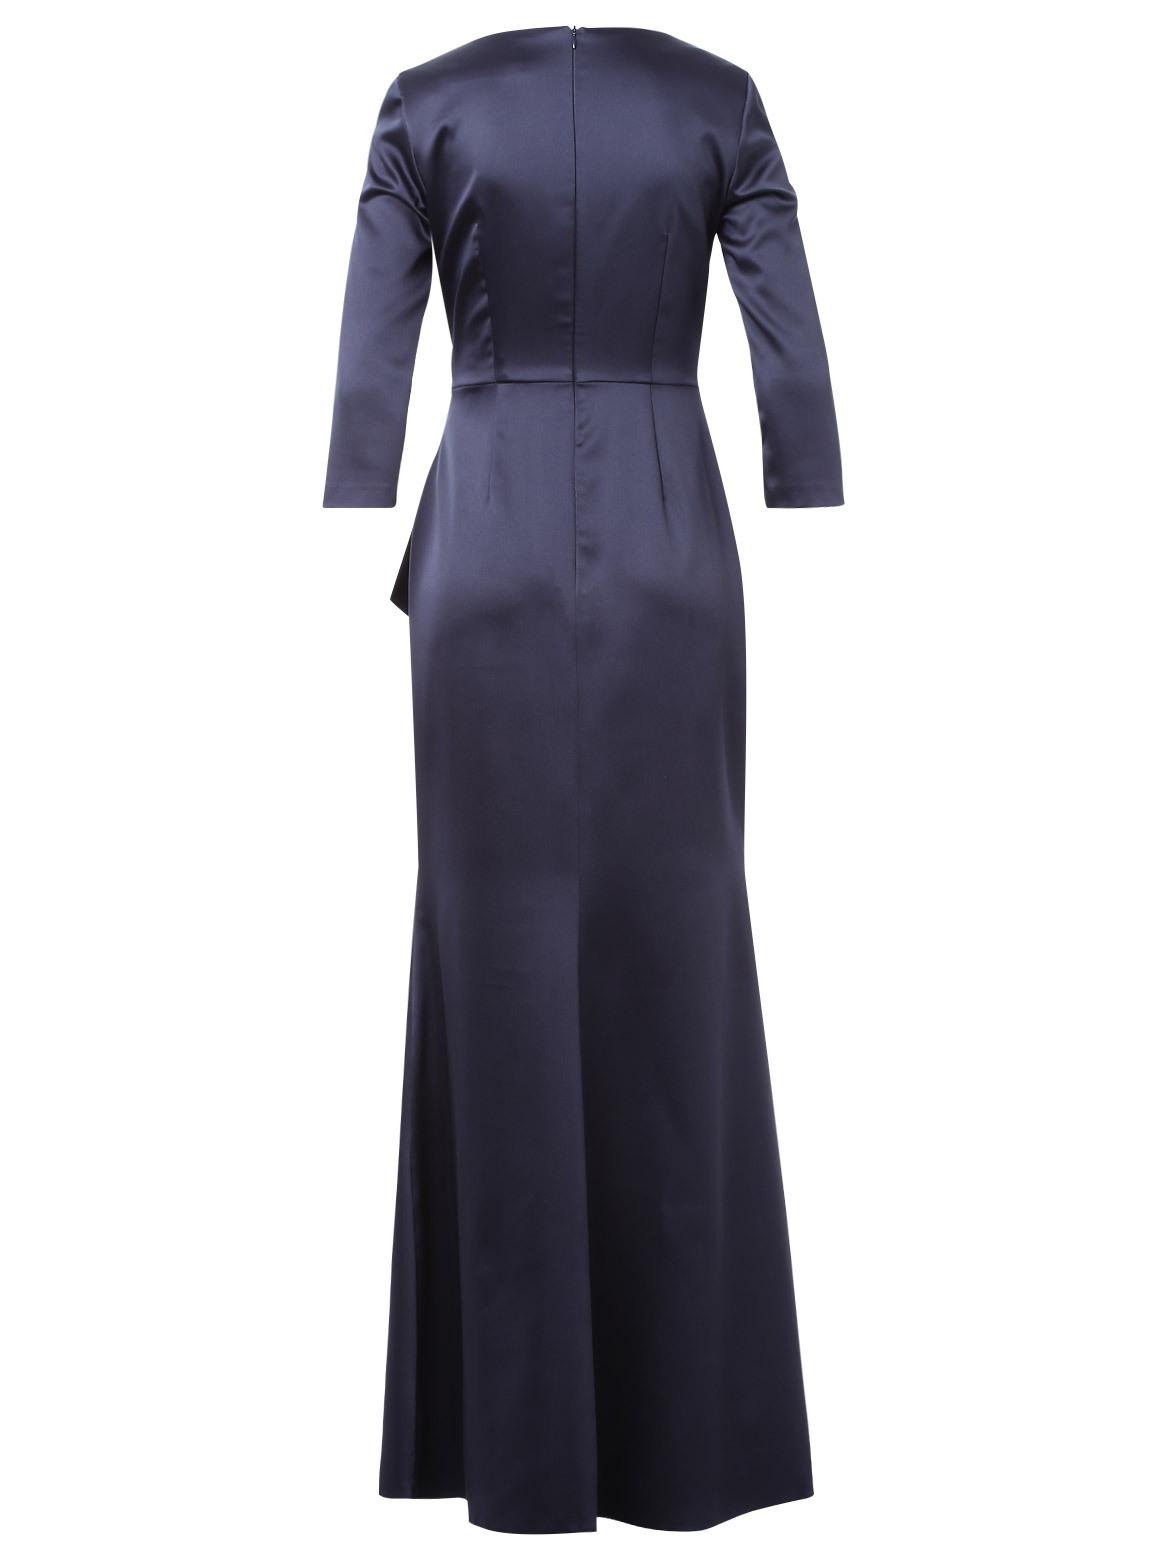 Young Couture Abendkleid Mit Satin Effekt Online Kaufen Appelrathcupper